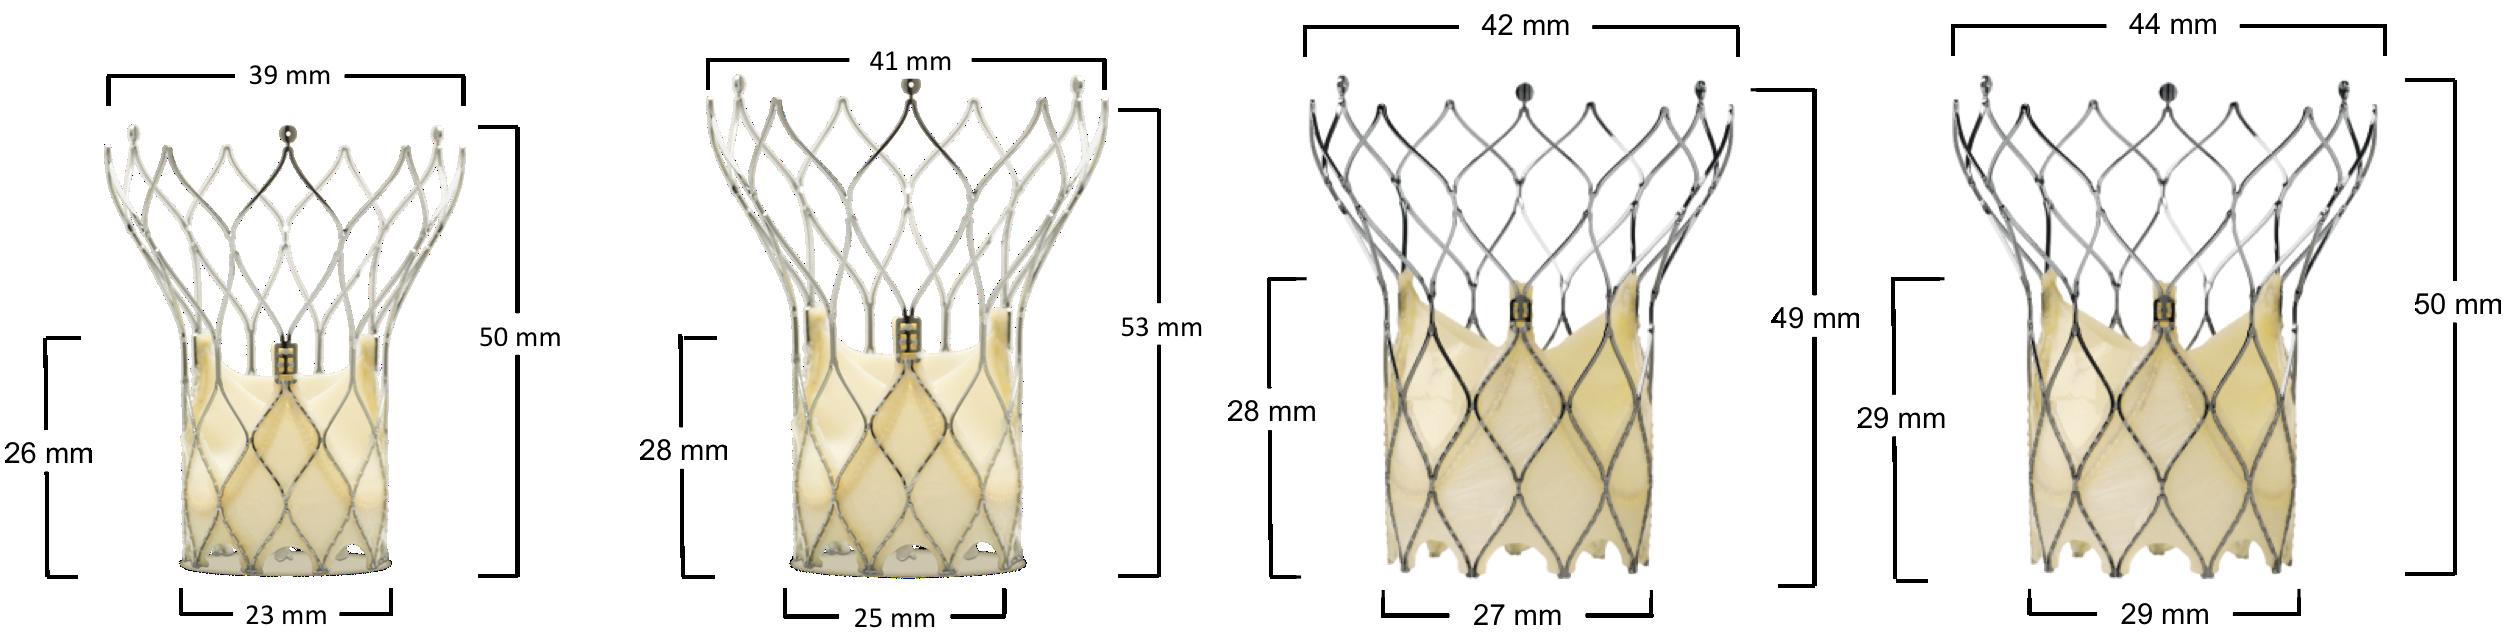 Portico™ aortic valve